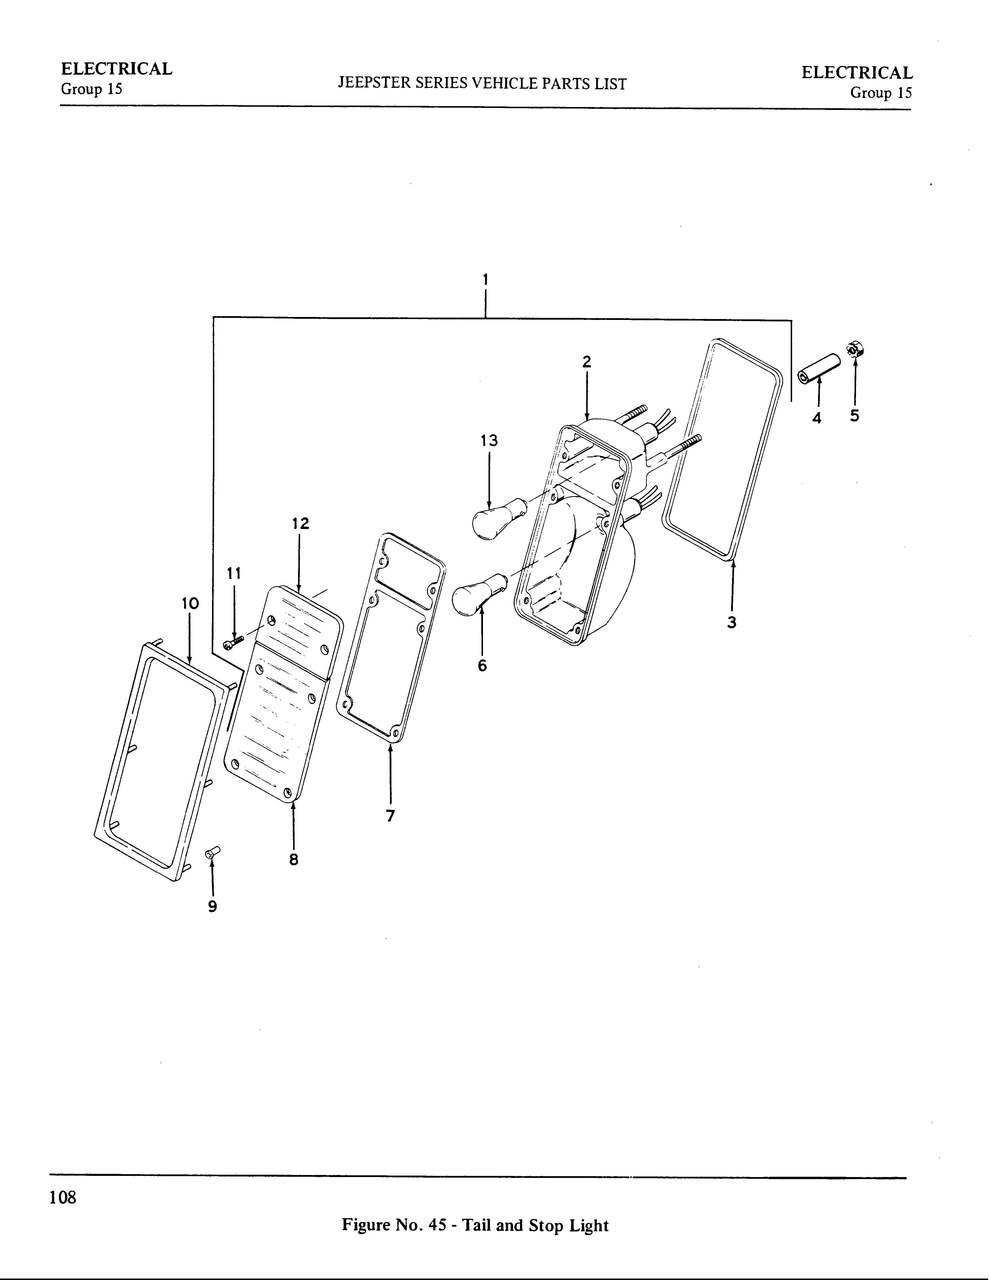 Tail light lens gasket set (2)